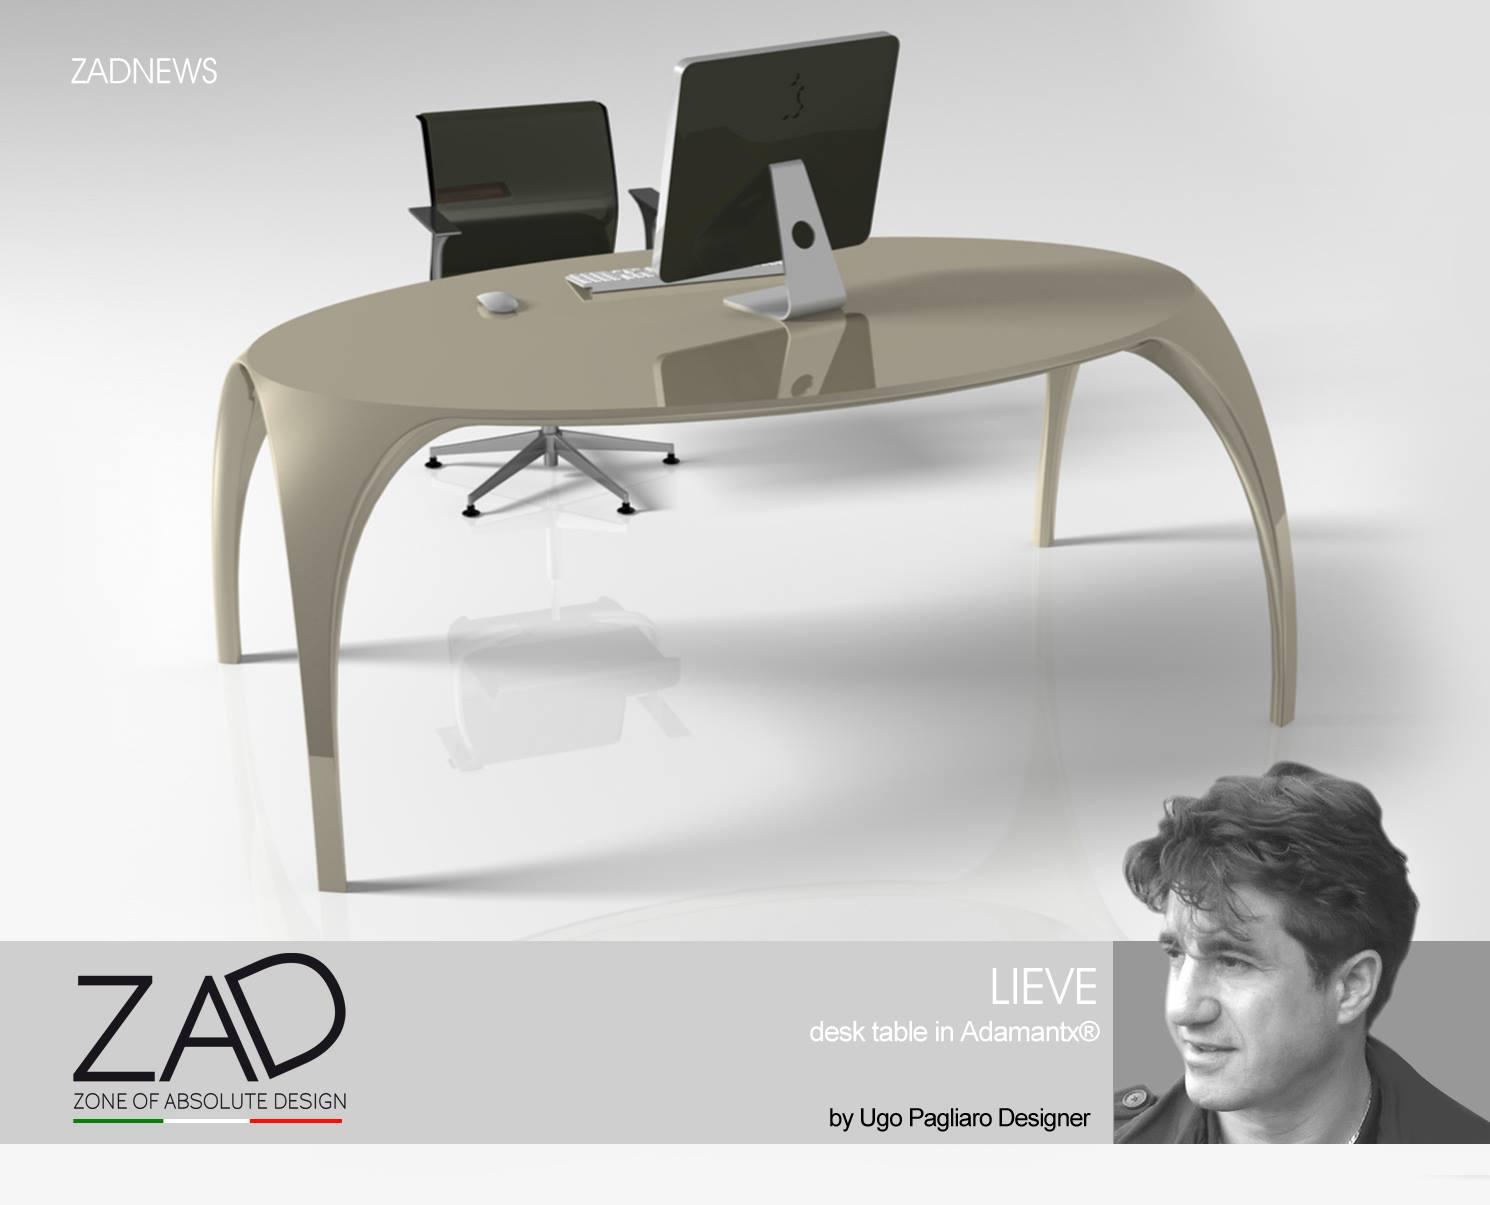 Tavolo Lieve_designer Ugo Pagliaro per Zad Italy 1